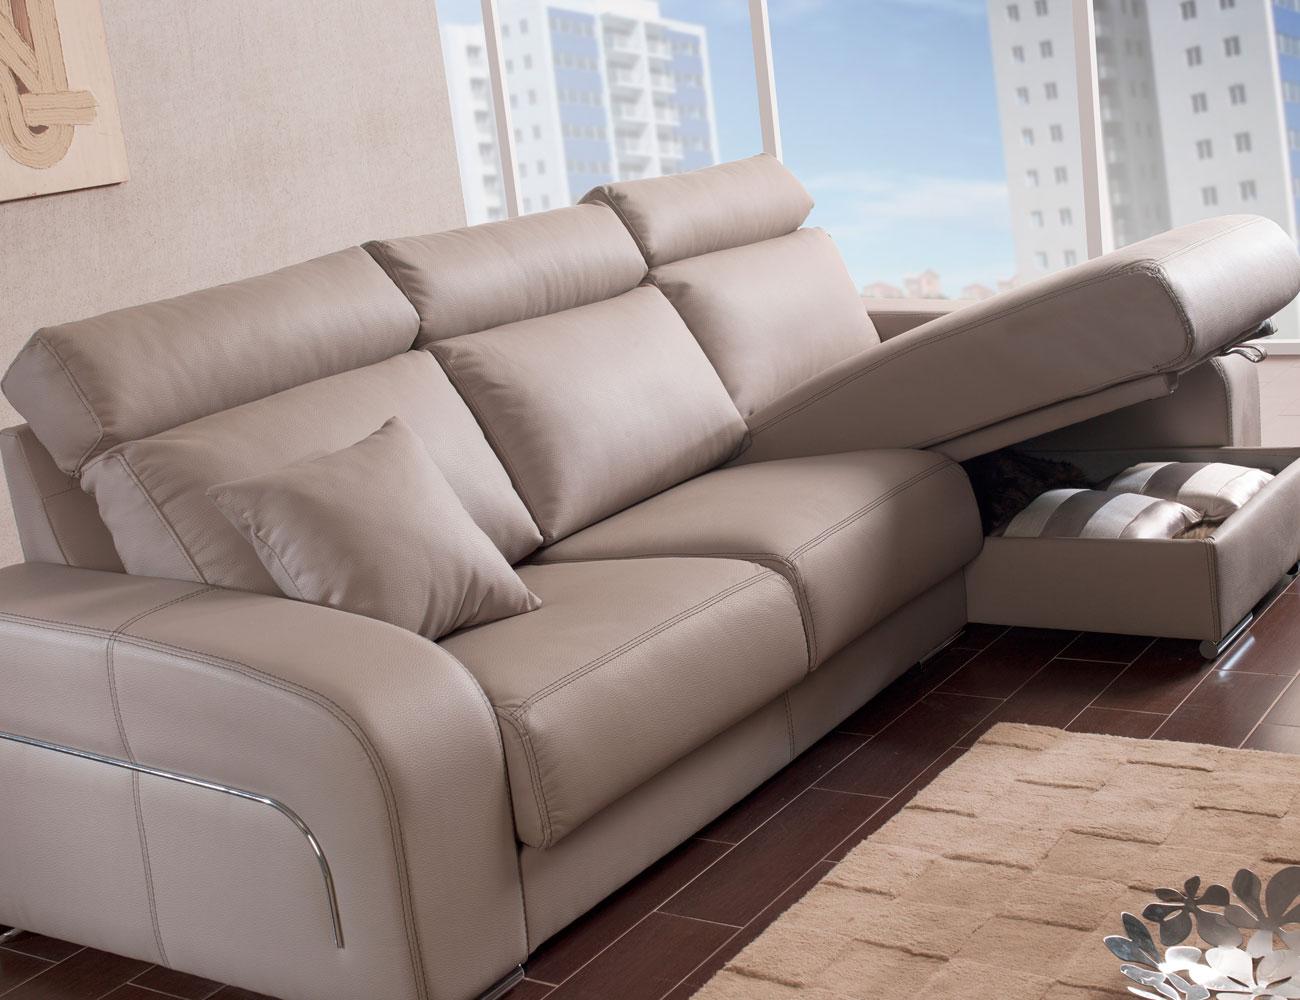 Sofa chaiselongue moderno pared cero arcon50